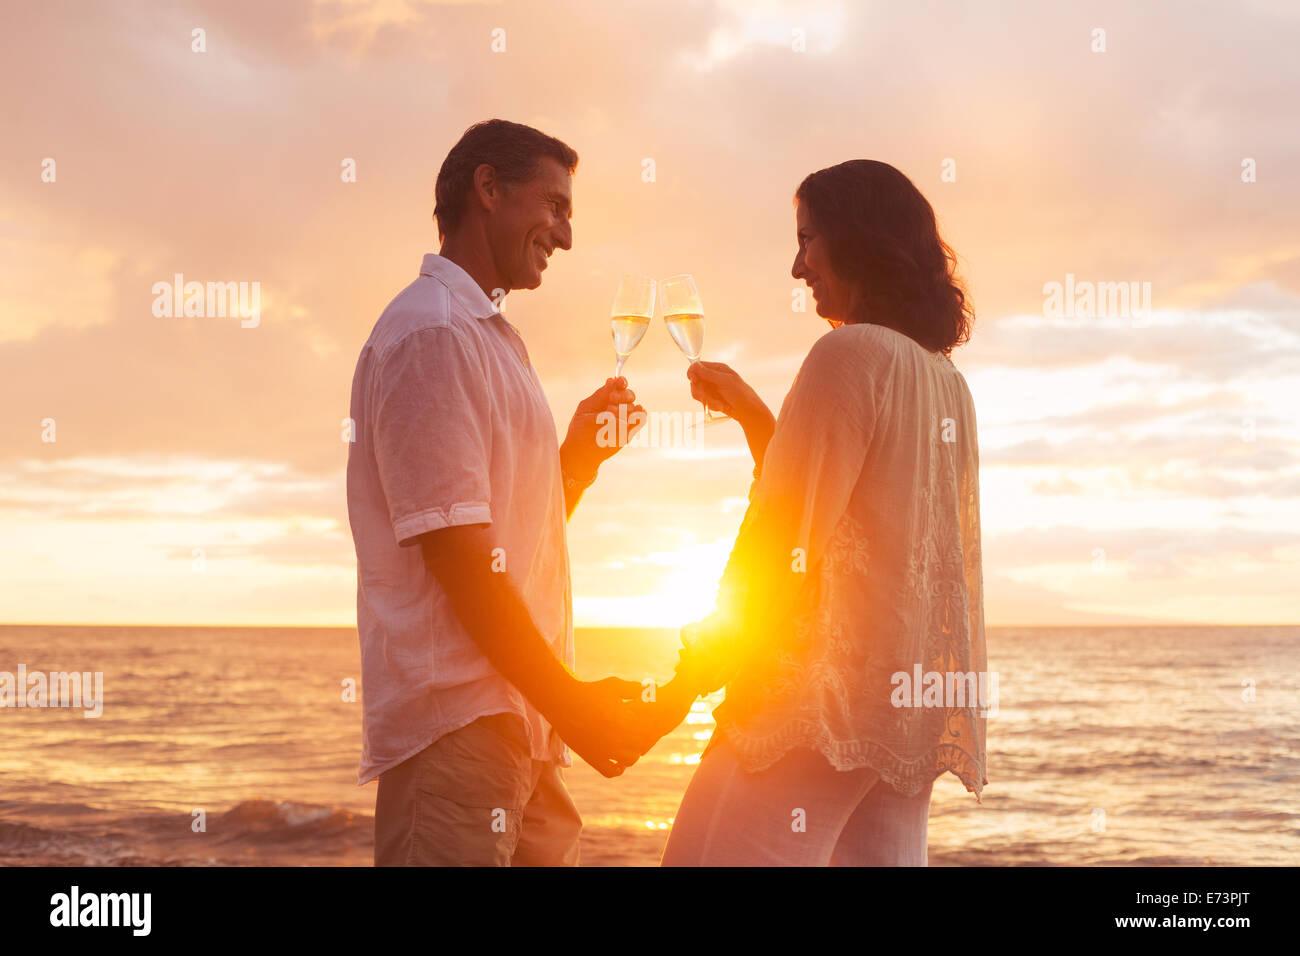 Felice coppia romantica gustando un bicchiere di champagne al tramonto sulla spiaggia. Vacanze viaggi pensionamento Immagini Stock